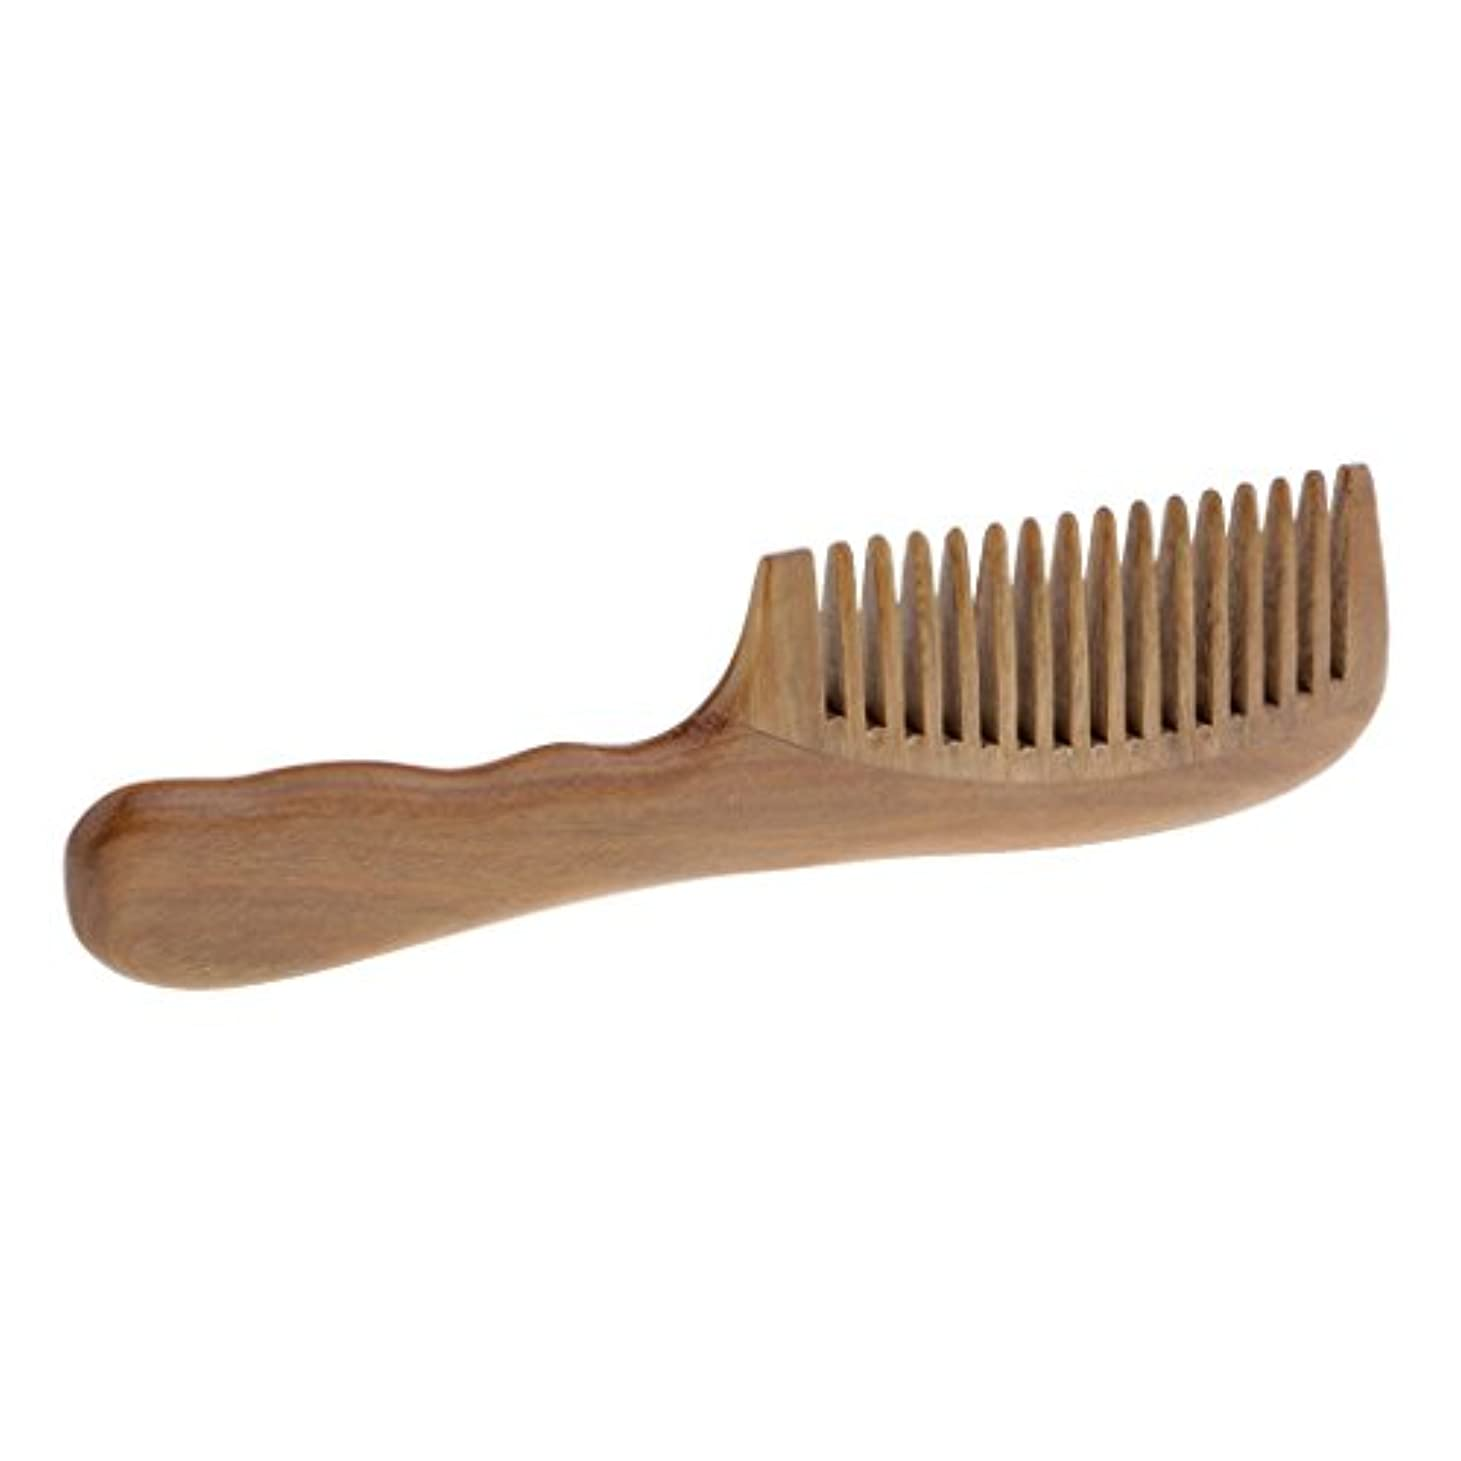 農民虐待半径ヘアコーム くし コーム 木製 木製櫛 頭皮マッサージ ヘアケア 帯電防止2タイプ選べる - 広い歯